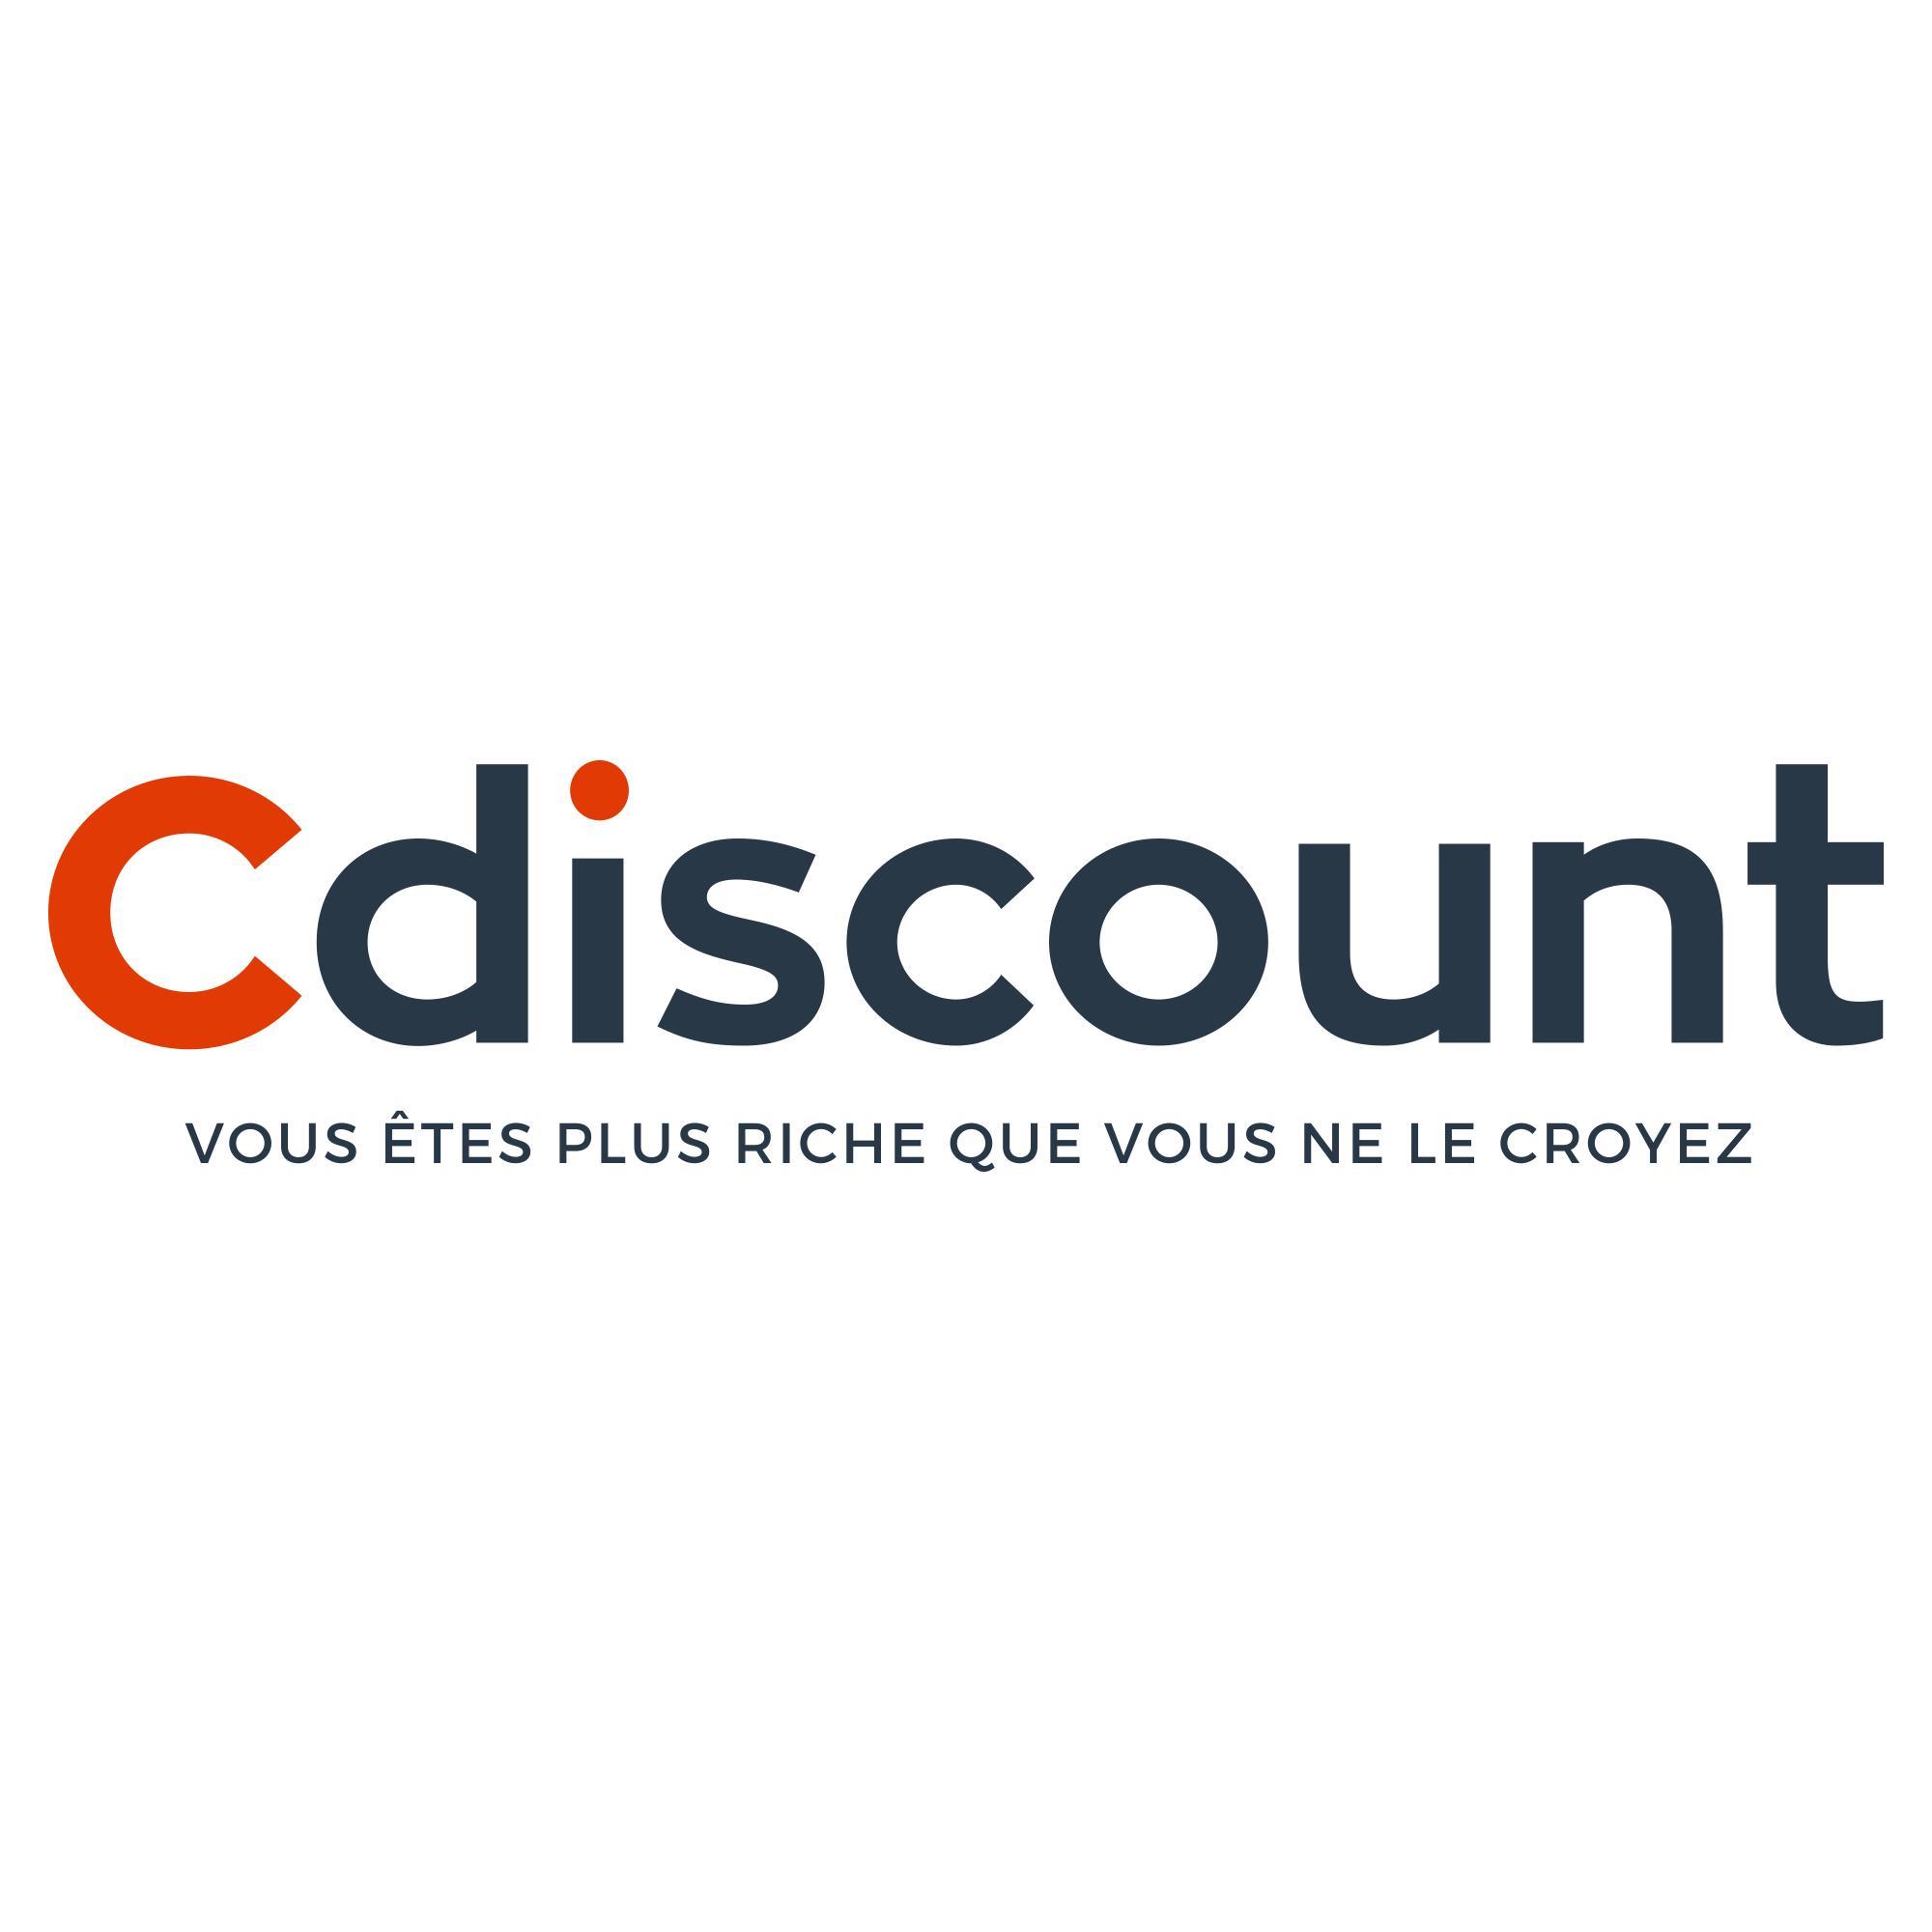 40€ de réduction dès 399€ d'achat, 20€ dès 299€ et 10€ dès 149€ sur tout le site Marketplace compris